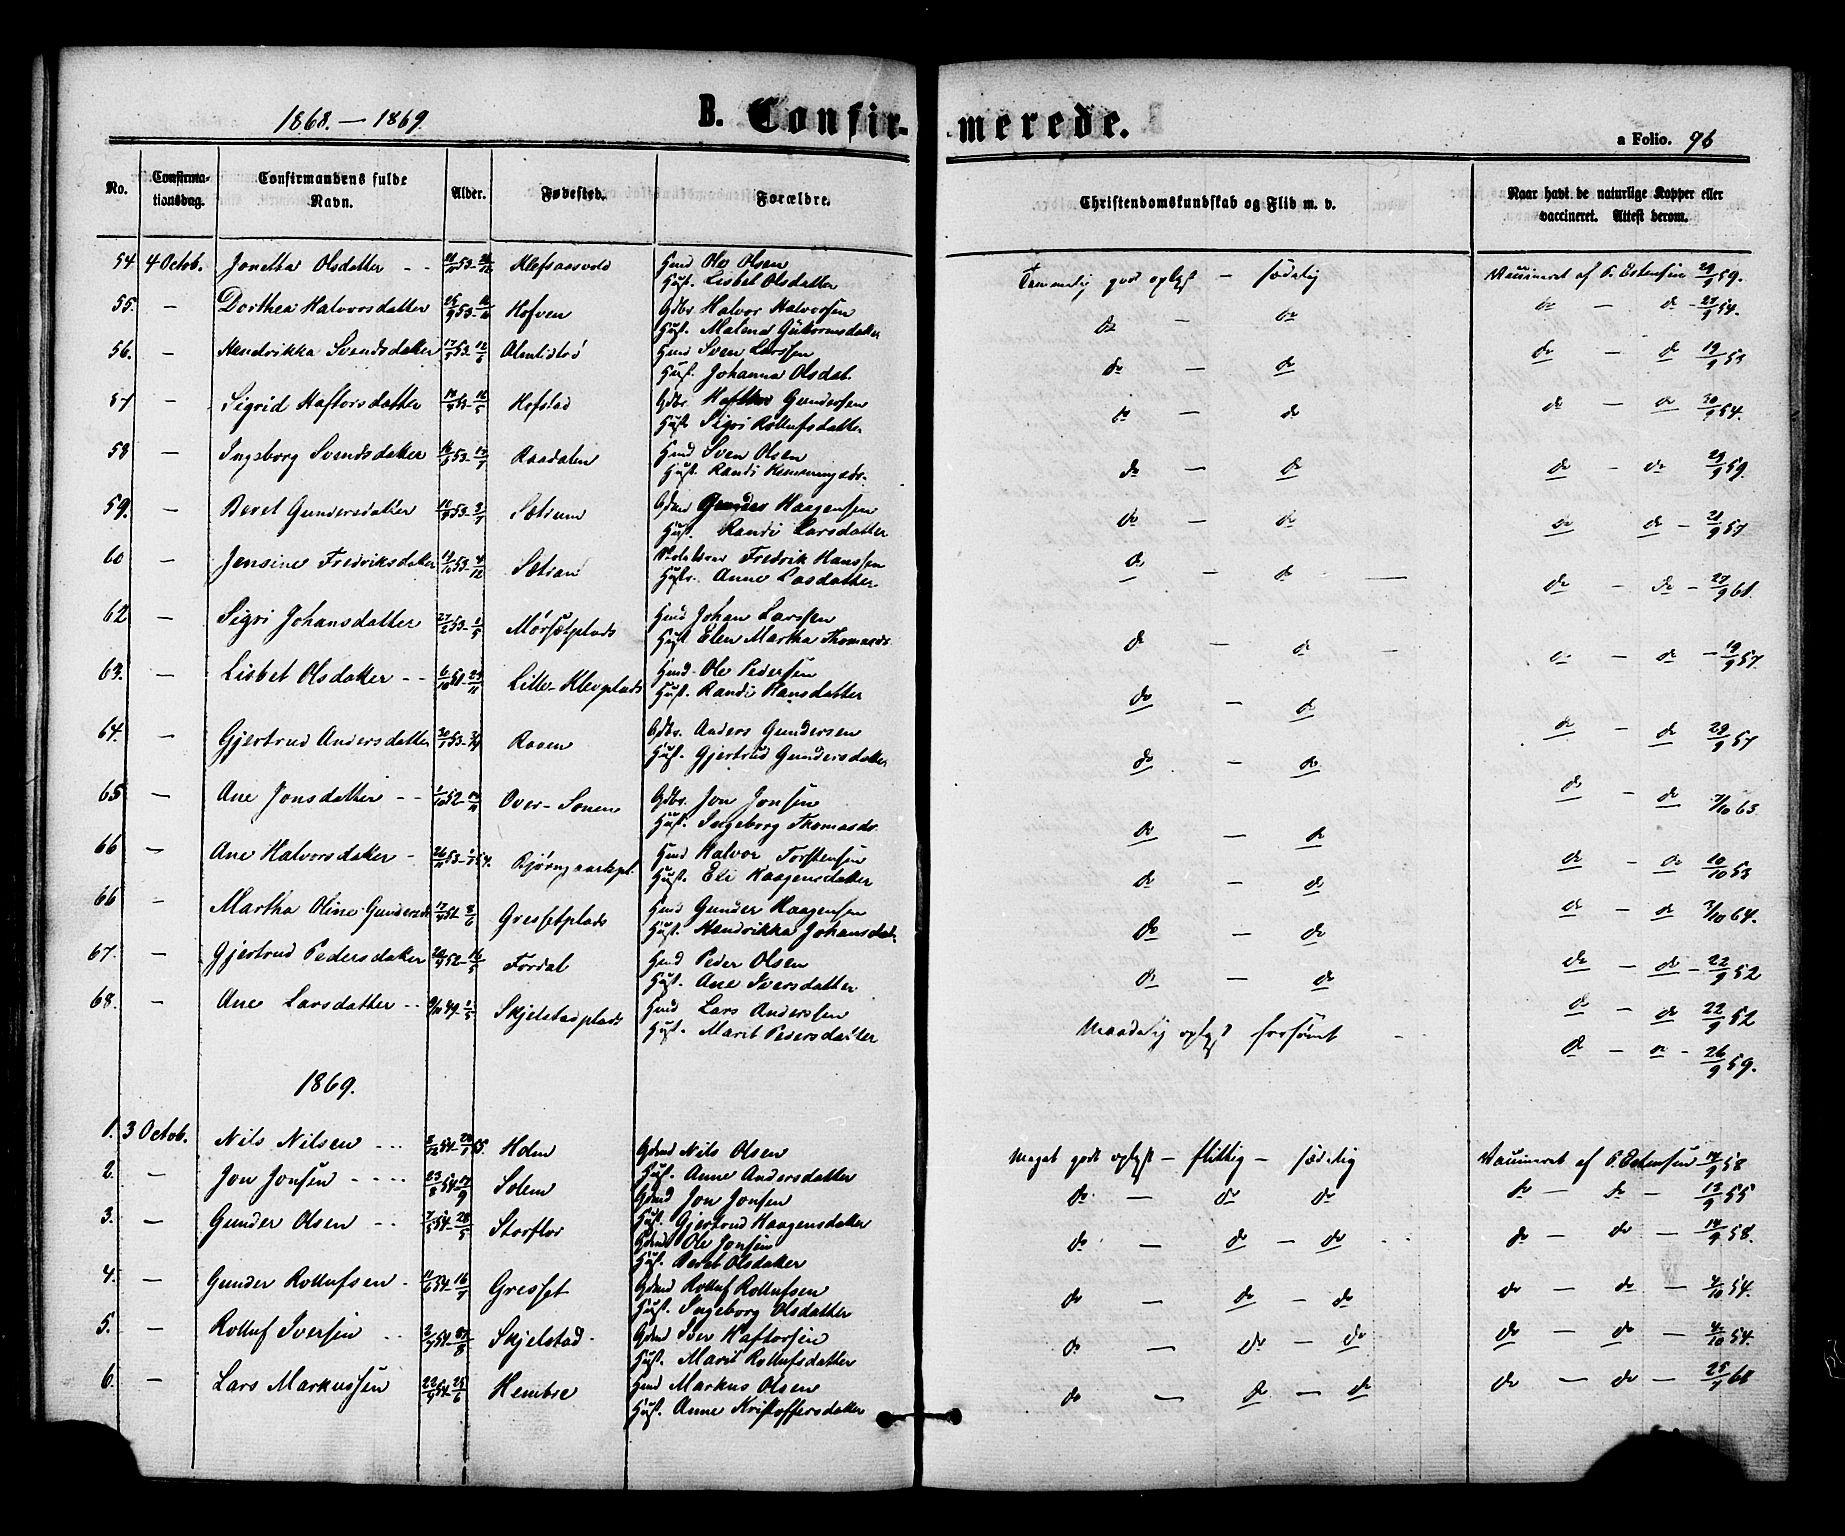 SAT, Ministerialprotokoller, klokkerbøker og fødselsregistre - Nord-Trøndelag, 703/L0029: Ministerialbok nr. 703A02, 1863-1879, s. 96